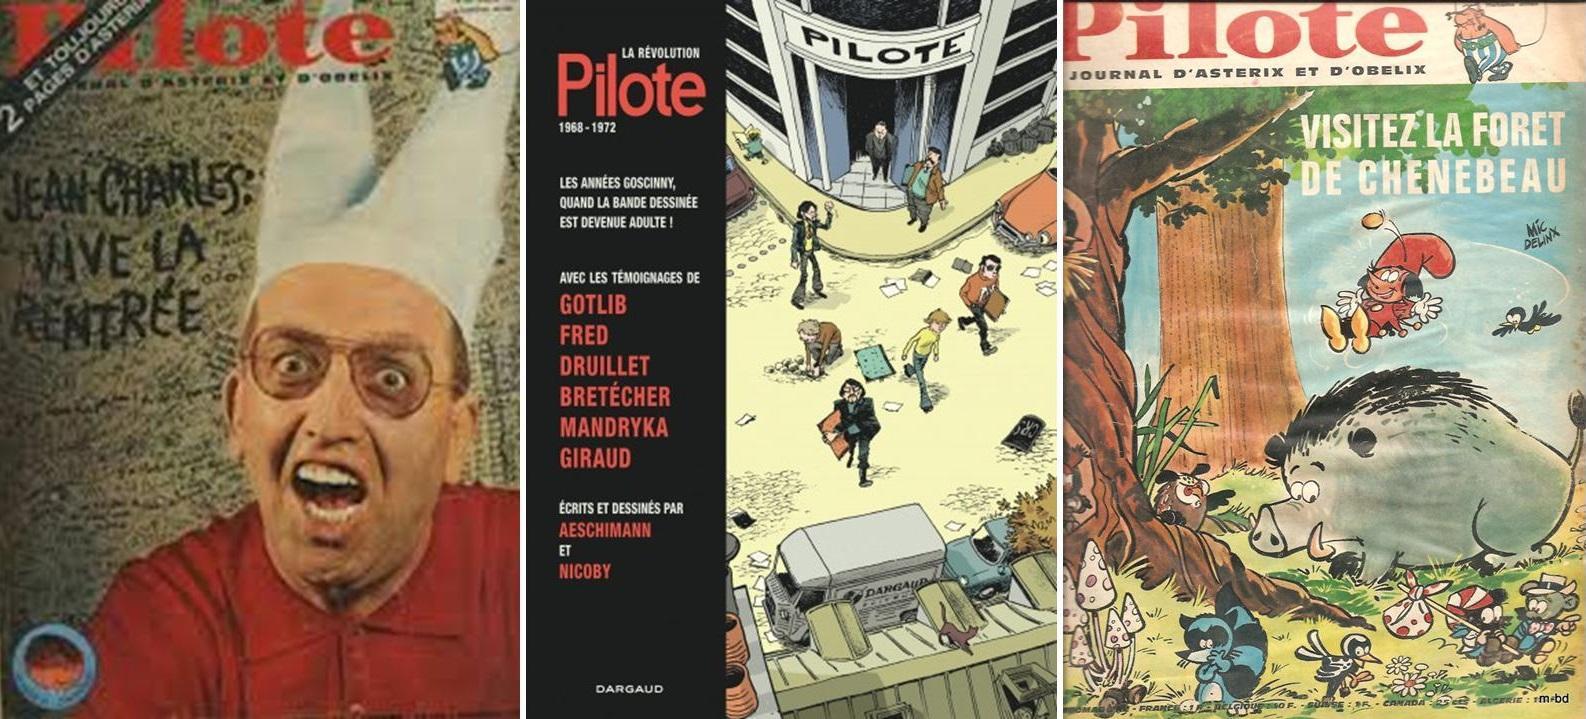 Connaissez-vous bien la revue de bandes dessinées « Pilote » ?